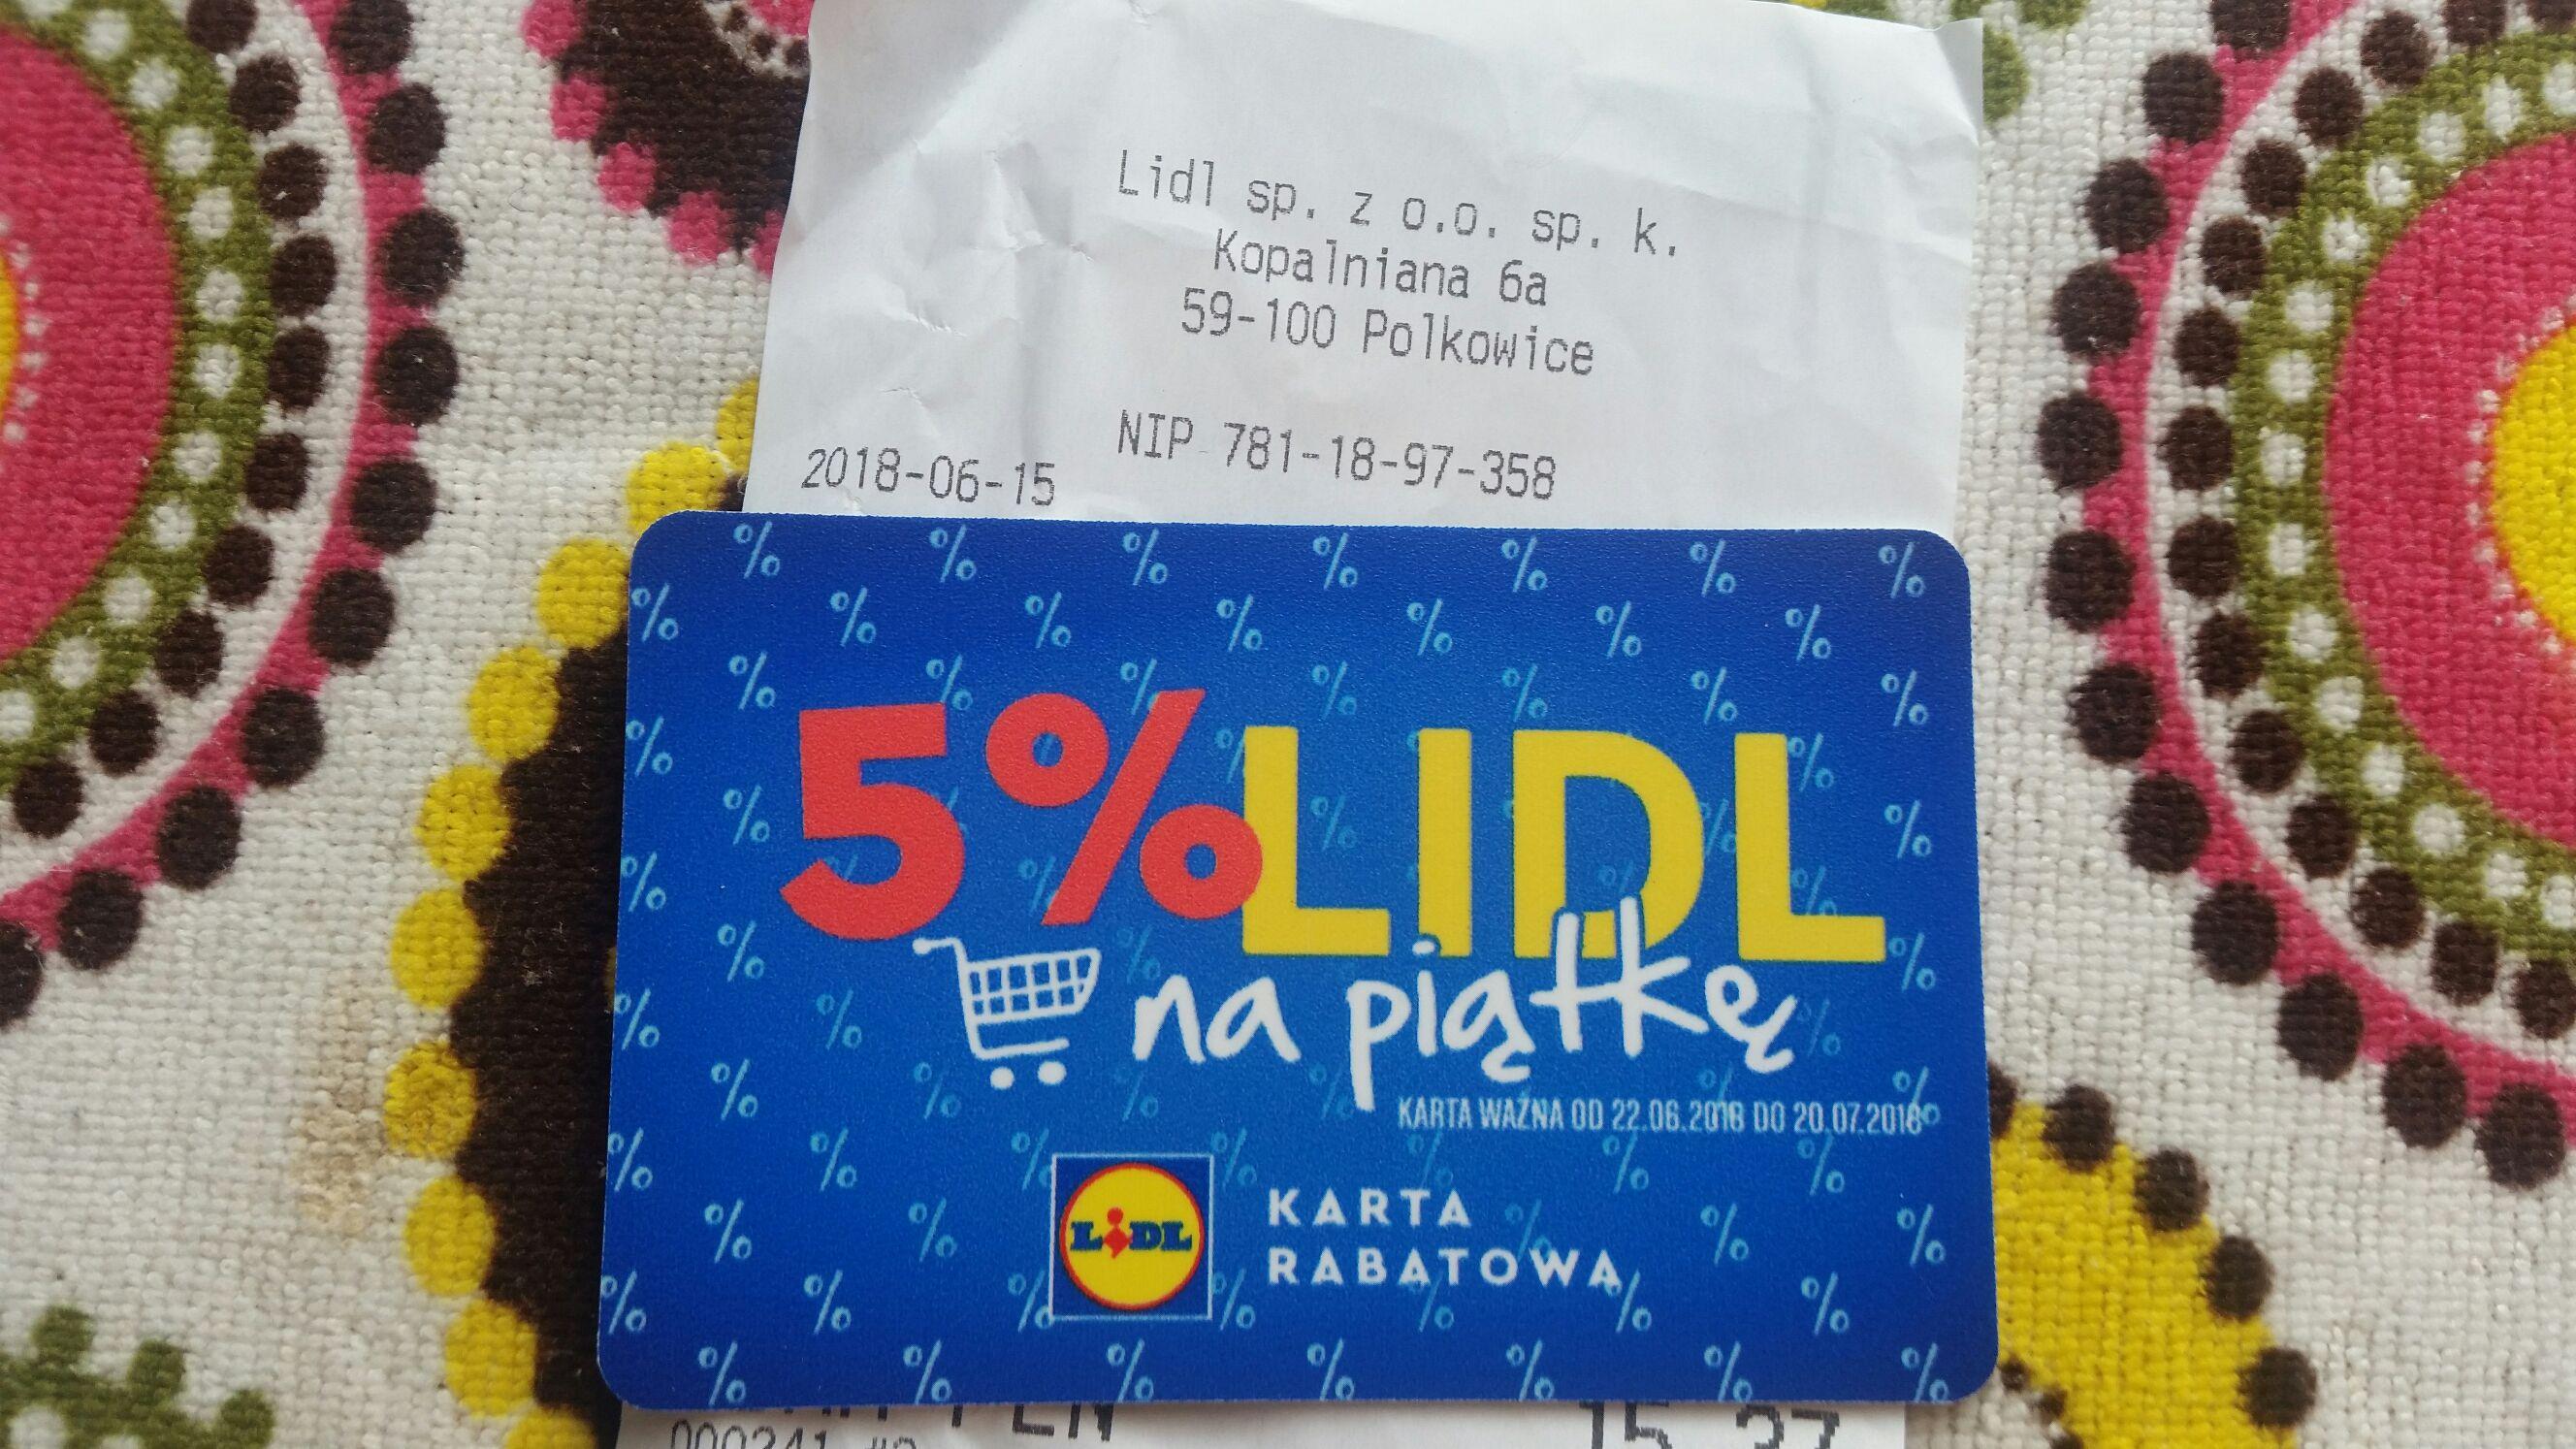 Karta Rabatowa Za Zakupy W Lidlu Pepper Pl